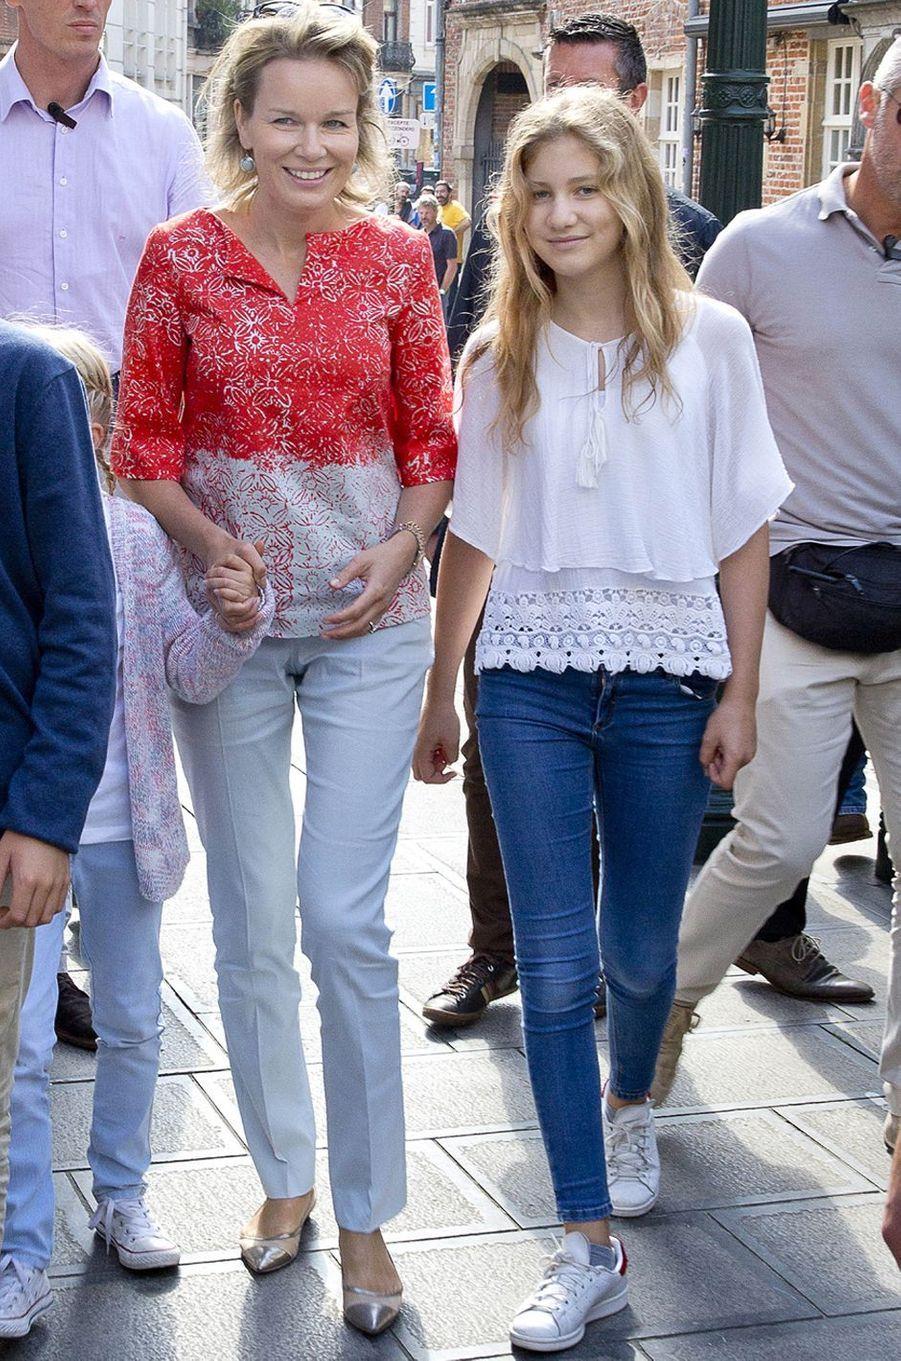 La reine Mathilde de Belgique et la princesse Elisabeth à Bruxelles, le 18 septembre 2016